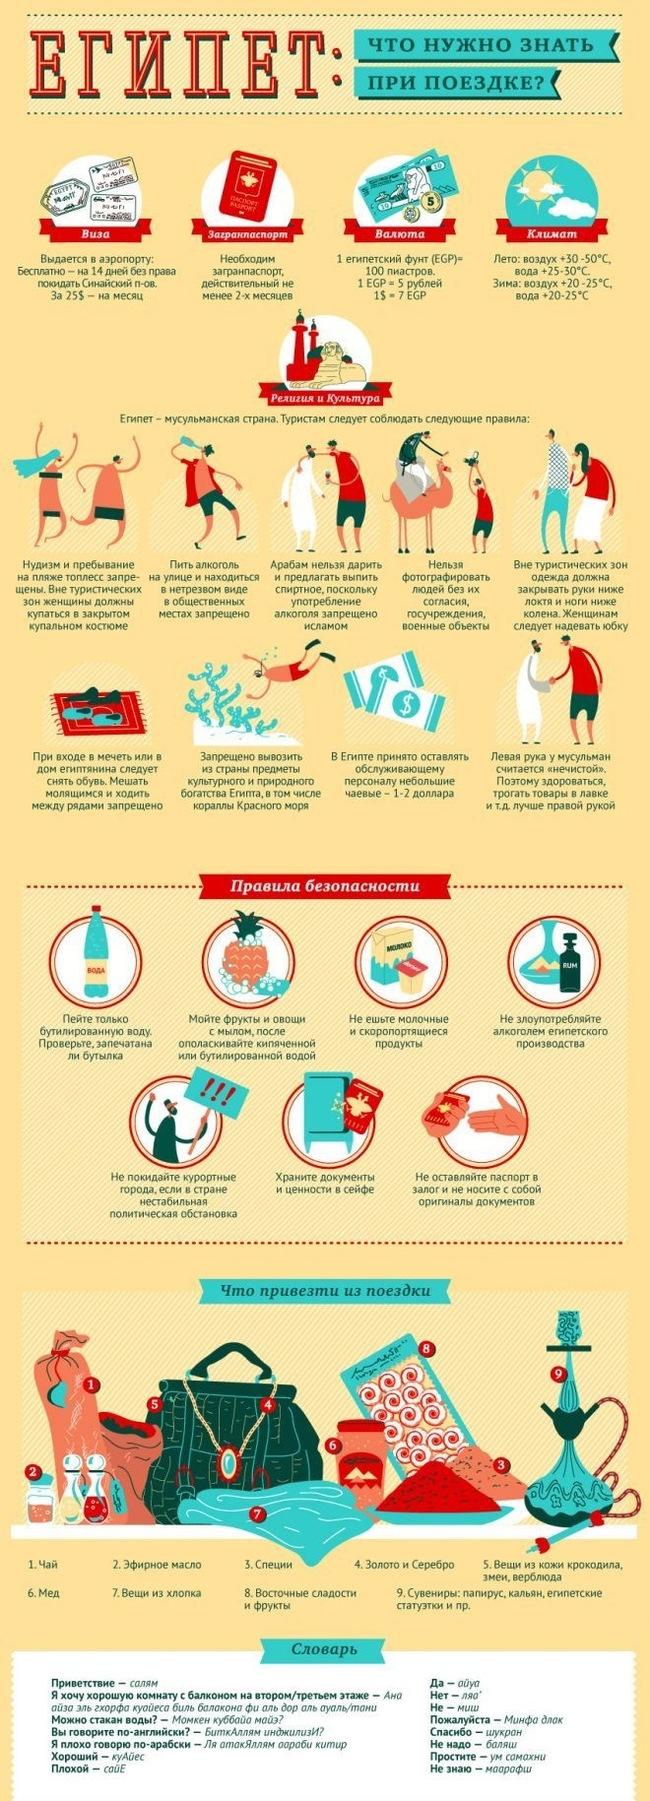 Отпускное отпуск, путешествия, страны, куда поехать, лето, длиннопост, инфографика